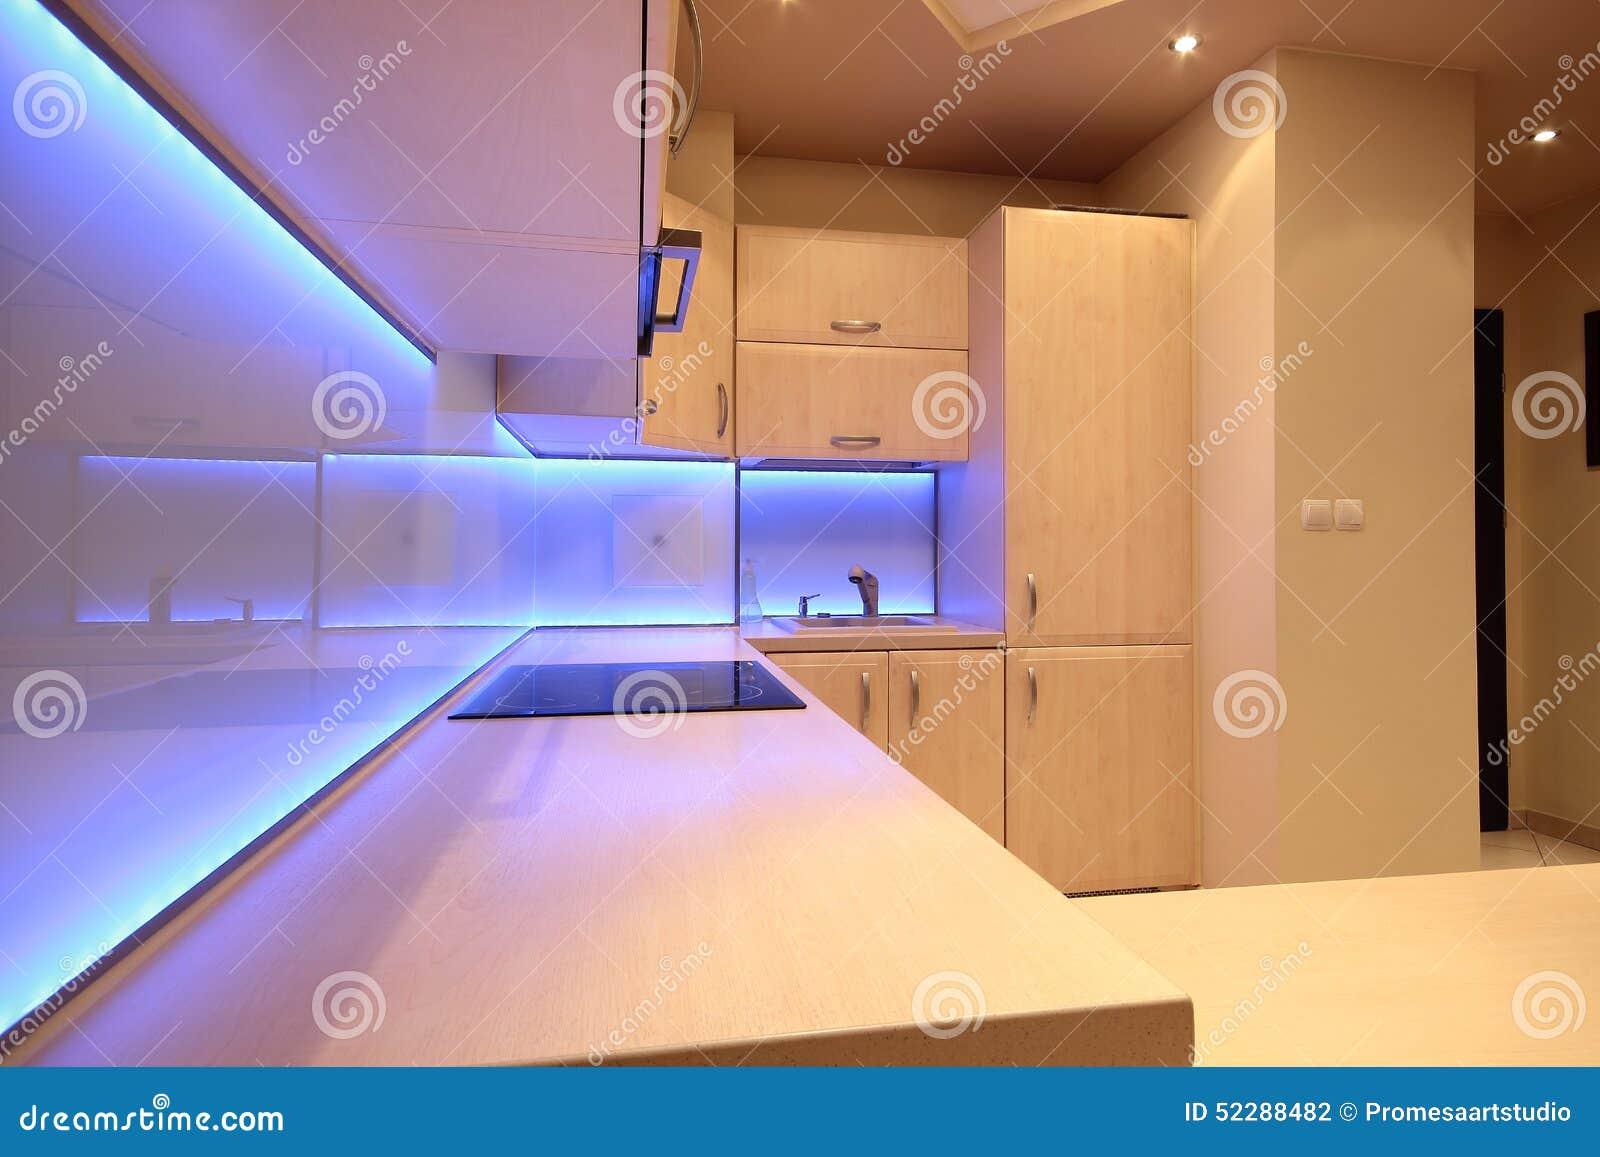 Cucina di lusso moderna con illuminazione porpora del led